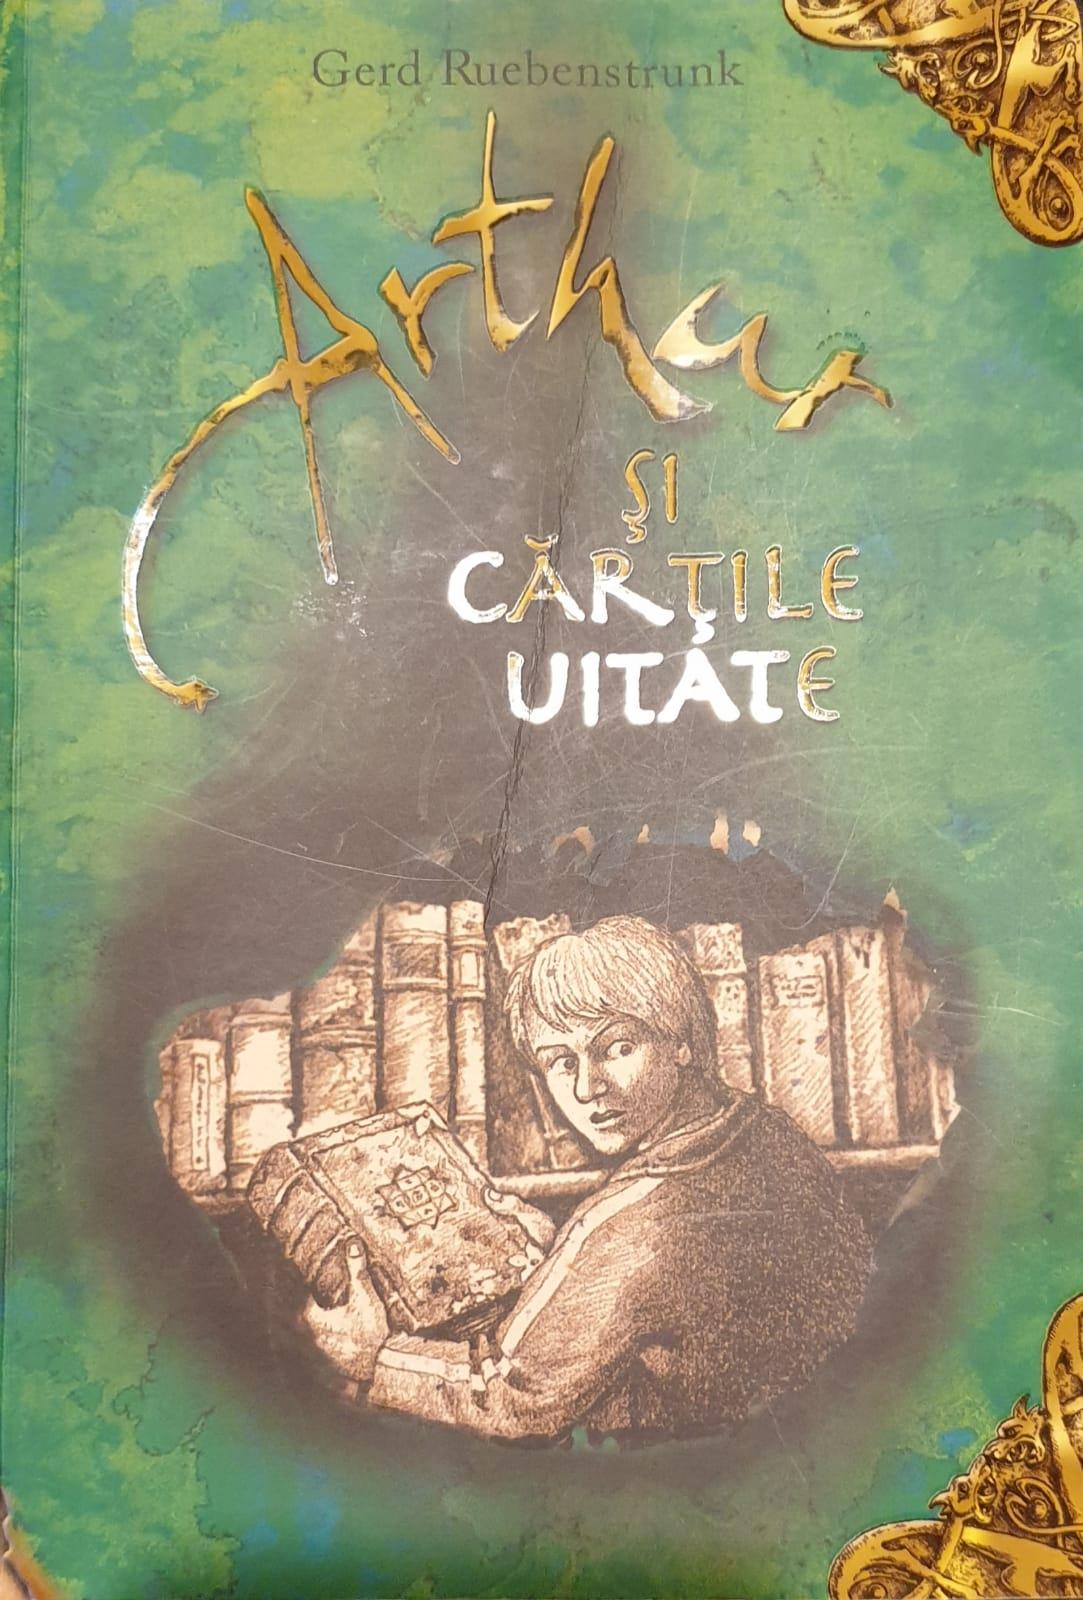 Arthur și Cărțile Uitate, test II